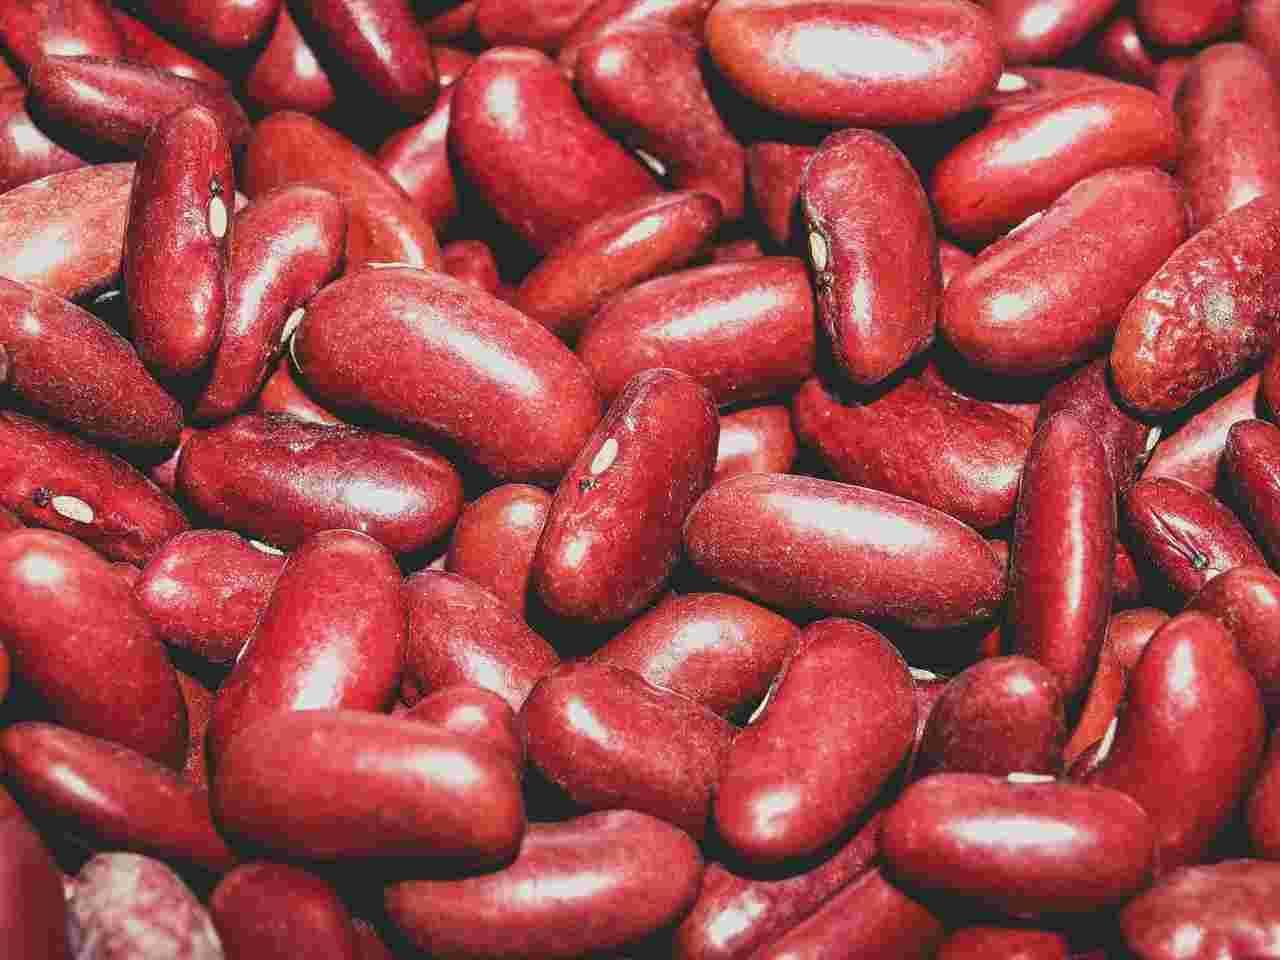 Zapasy żywności - ilustracja: czerwona fasola